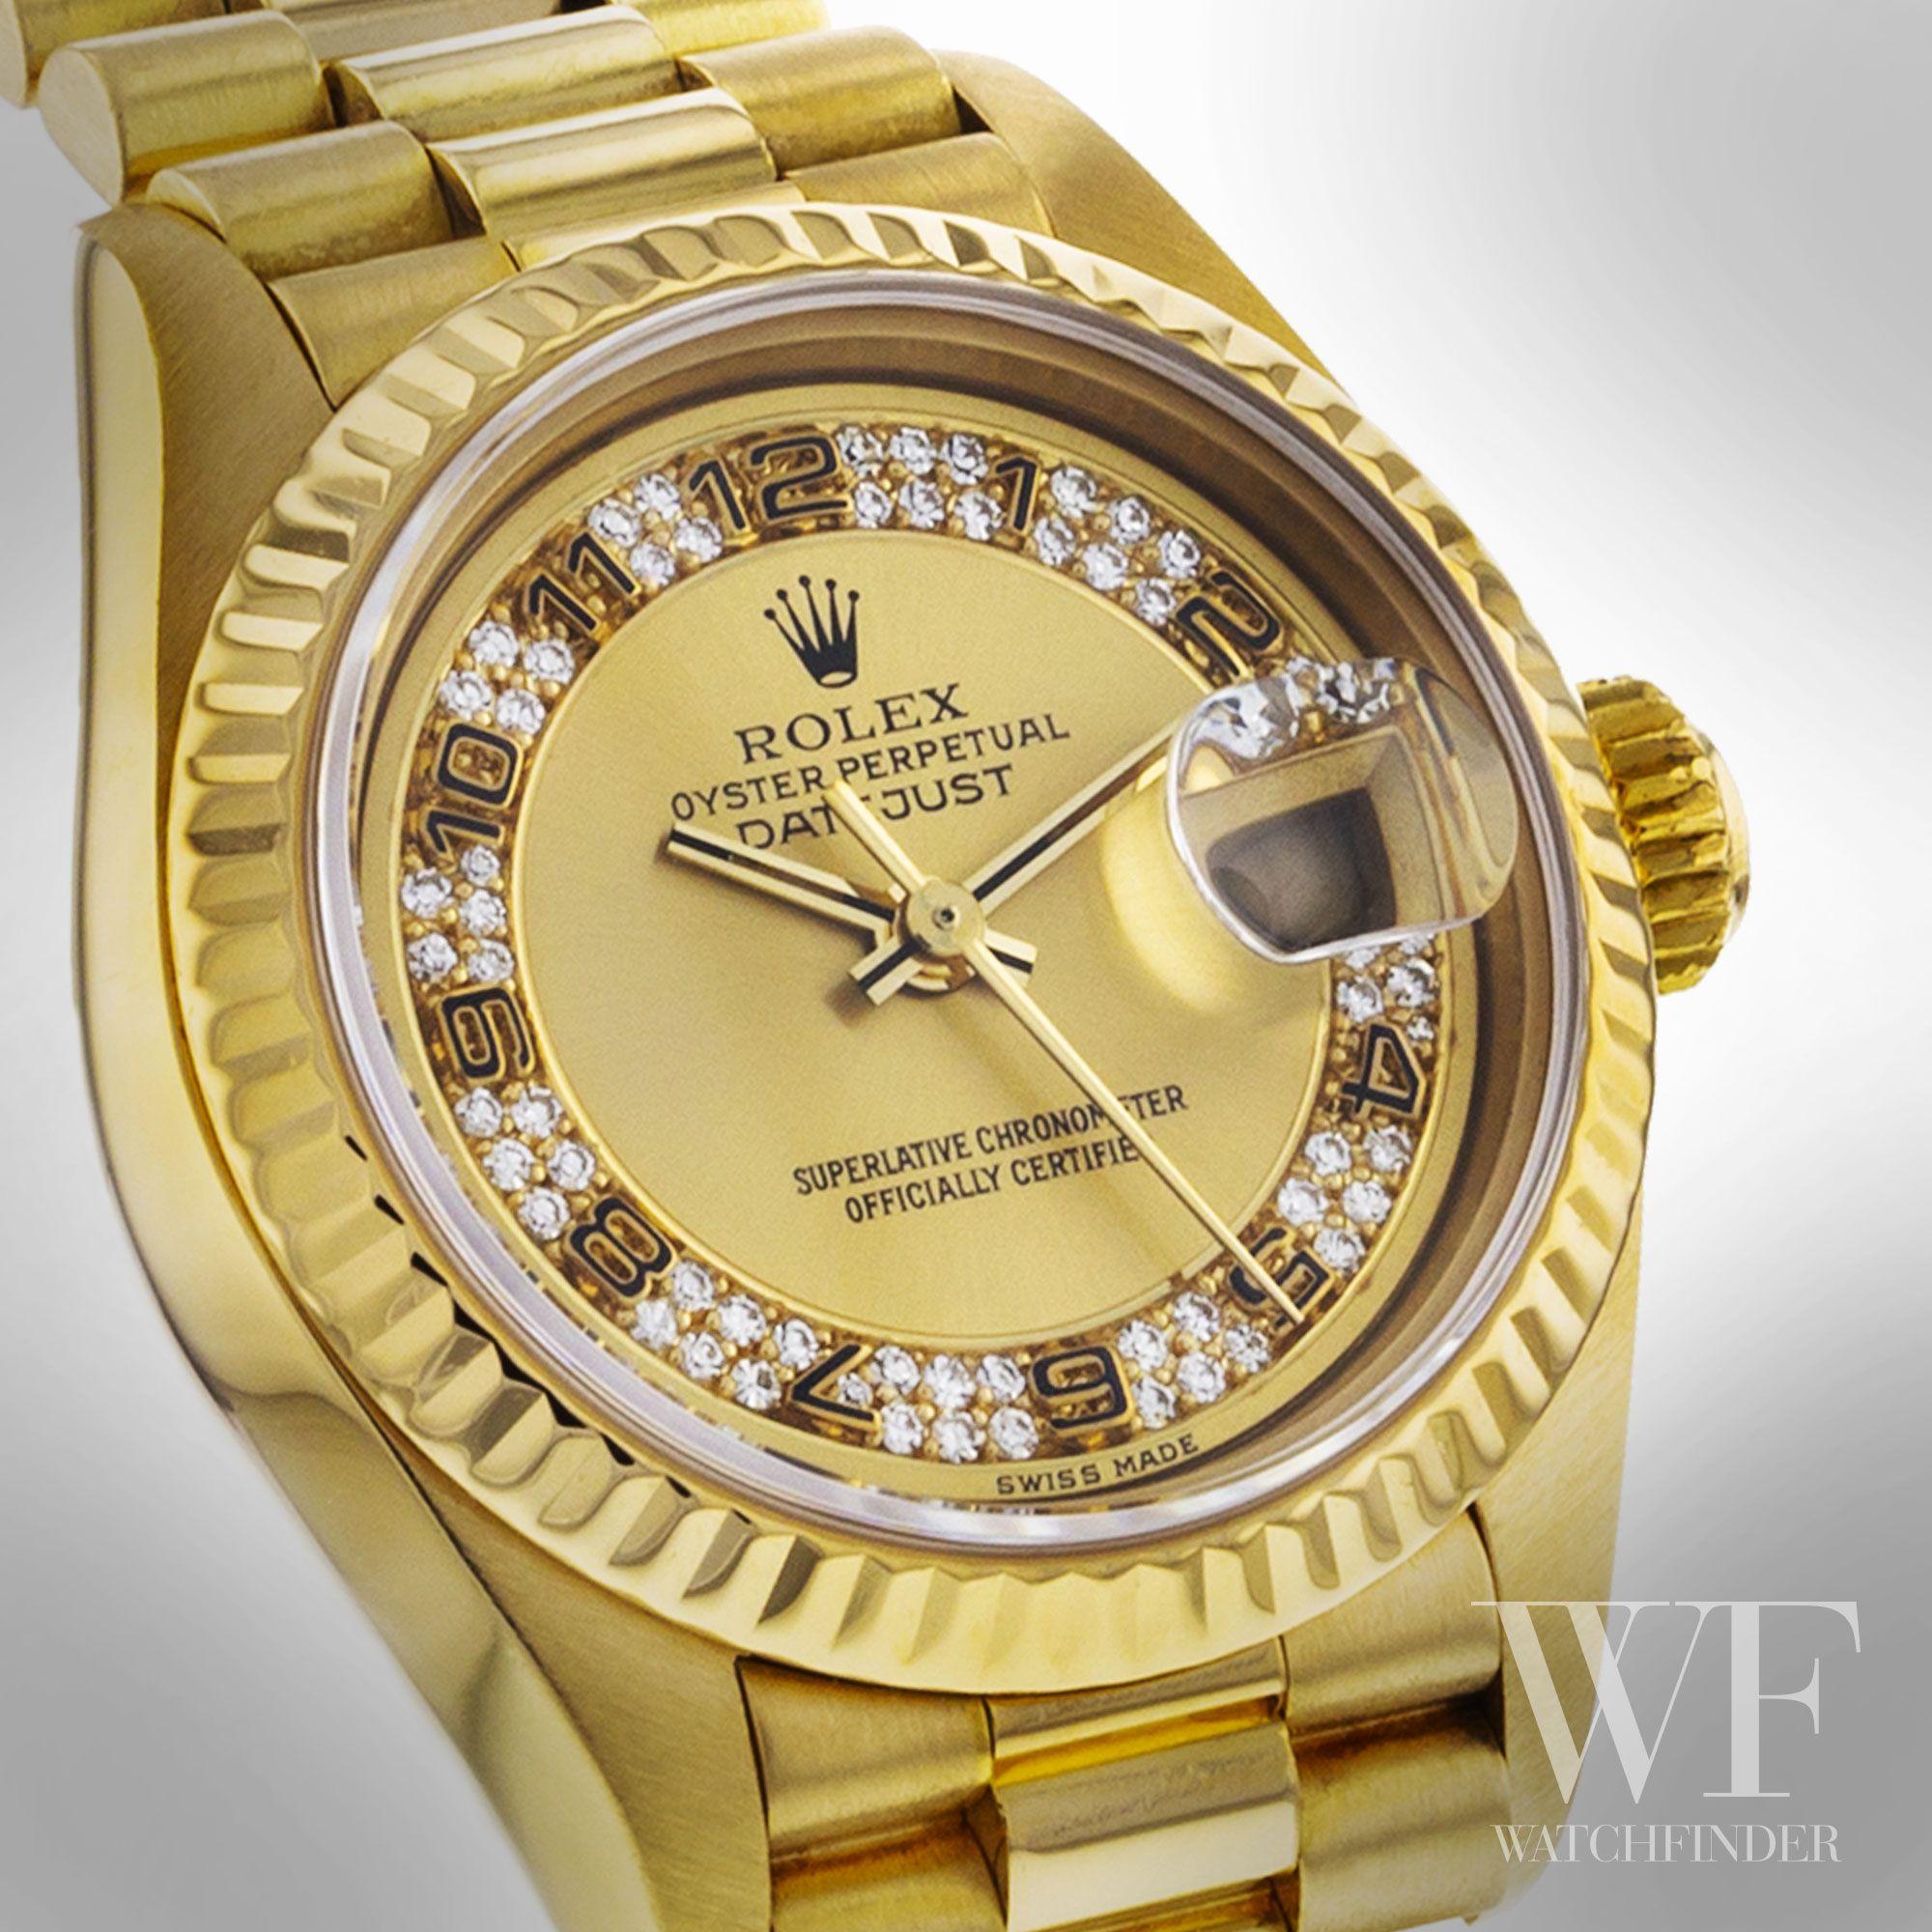 Rolex Datejust Datejustlady 69178 Watchfinder Rolex In 2019